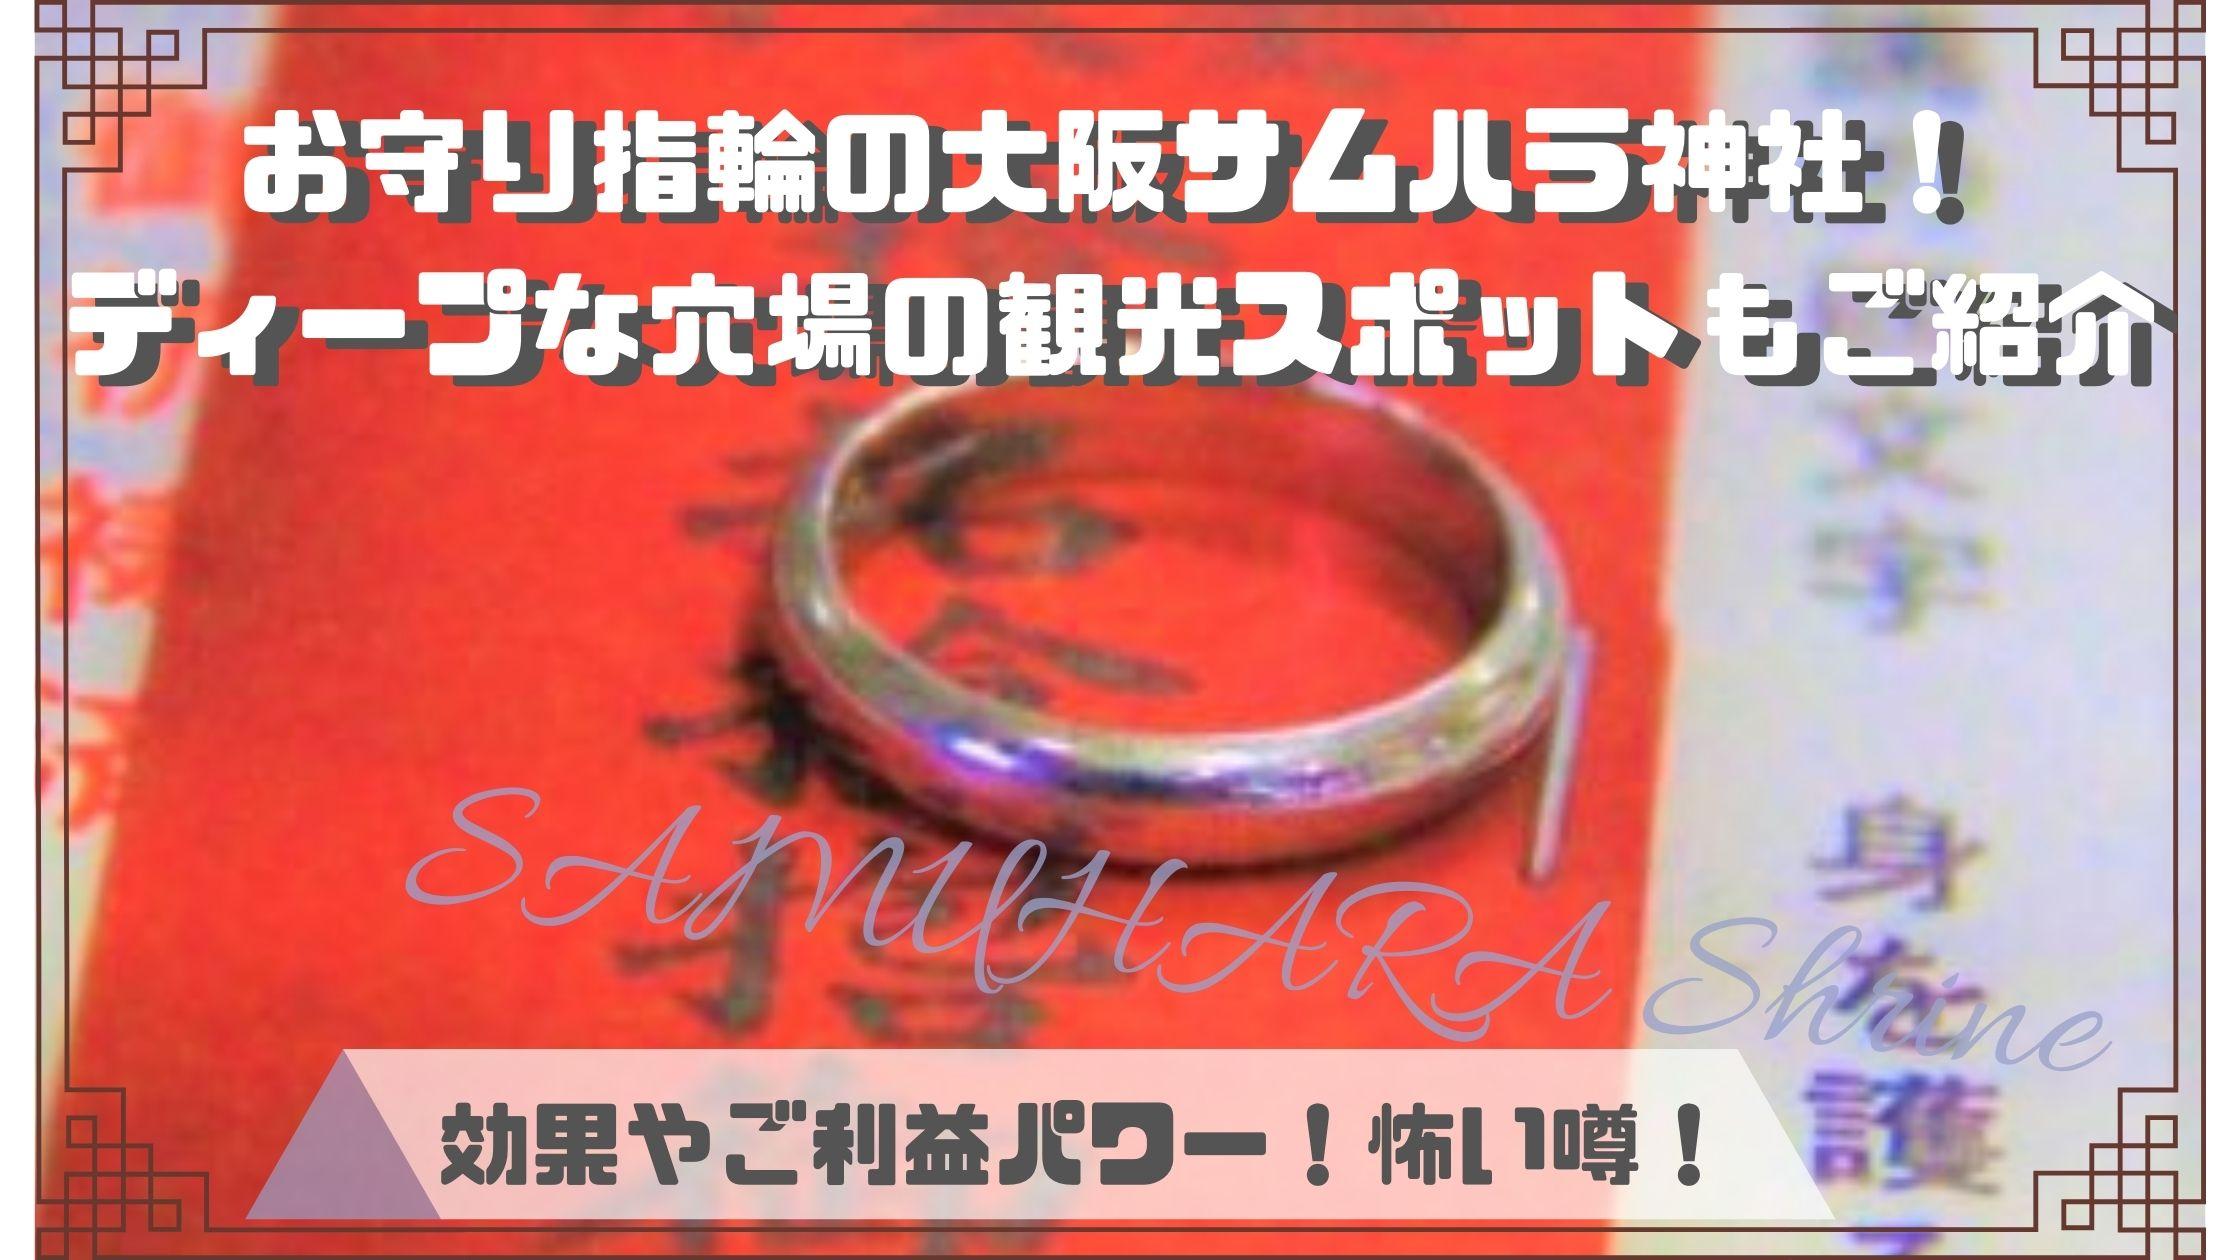 サムハラ 神社 指輪 2020